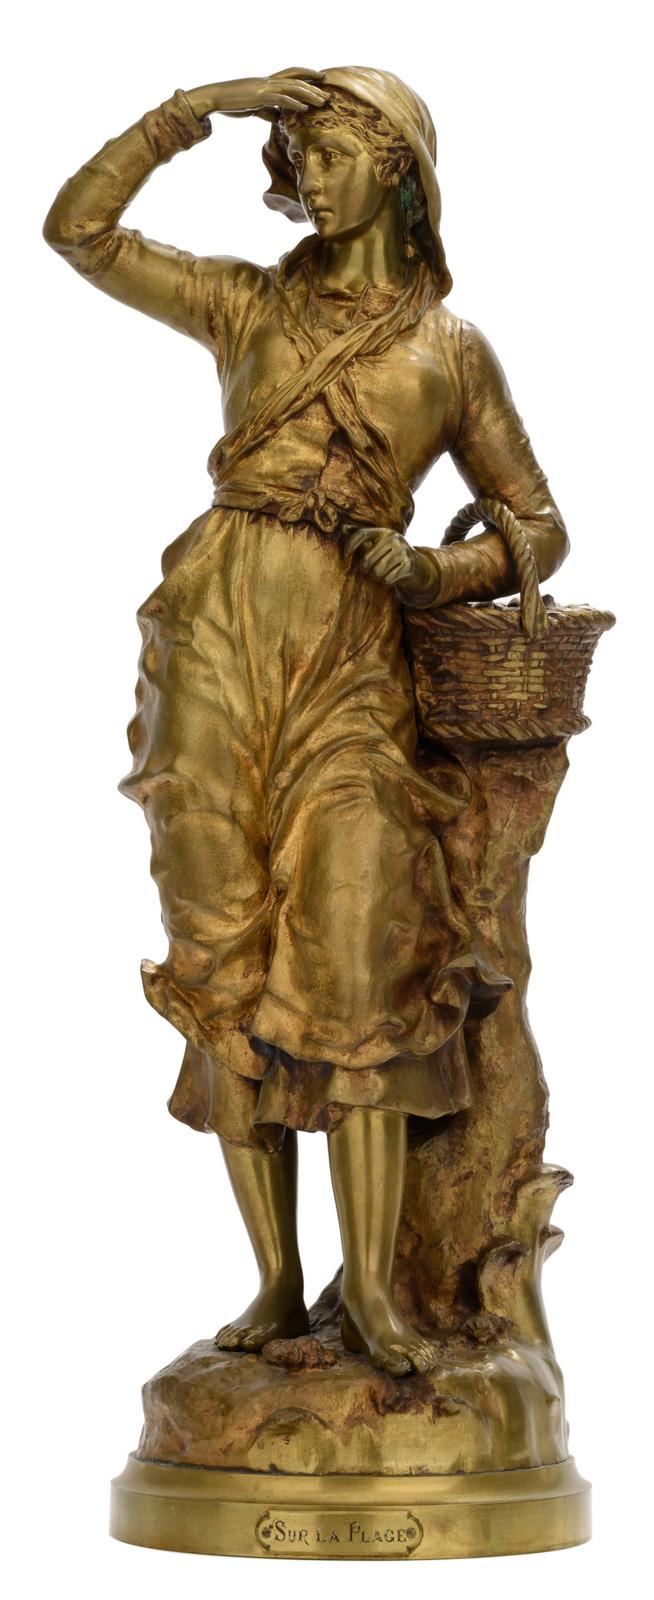 Anfrie C., 'Sur la plage', patinated bronze, H 66,5 cm